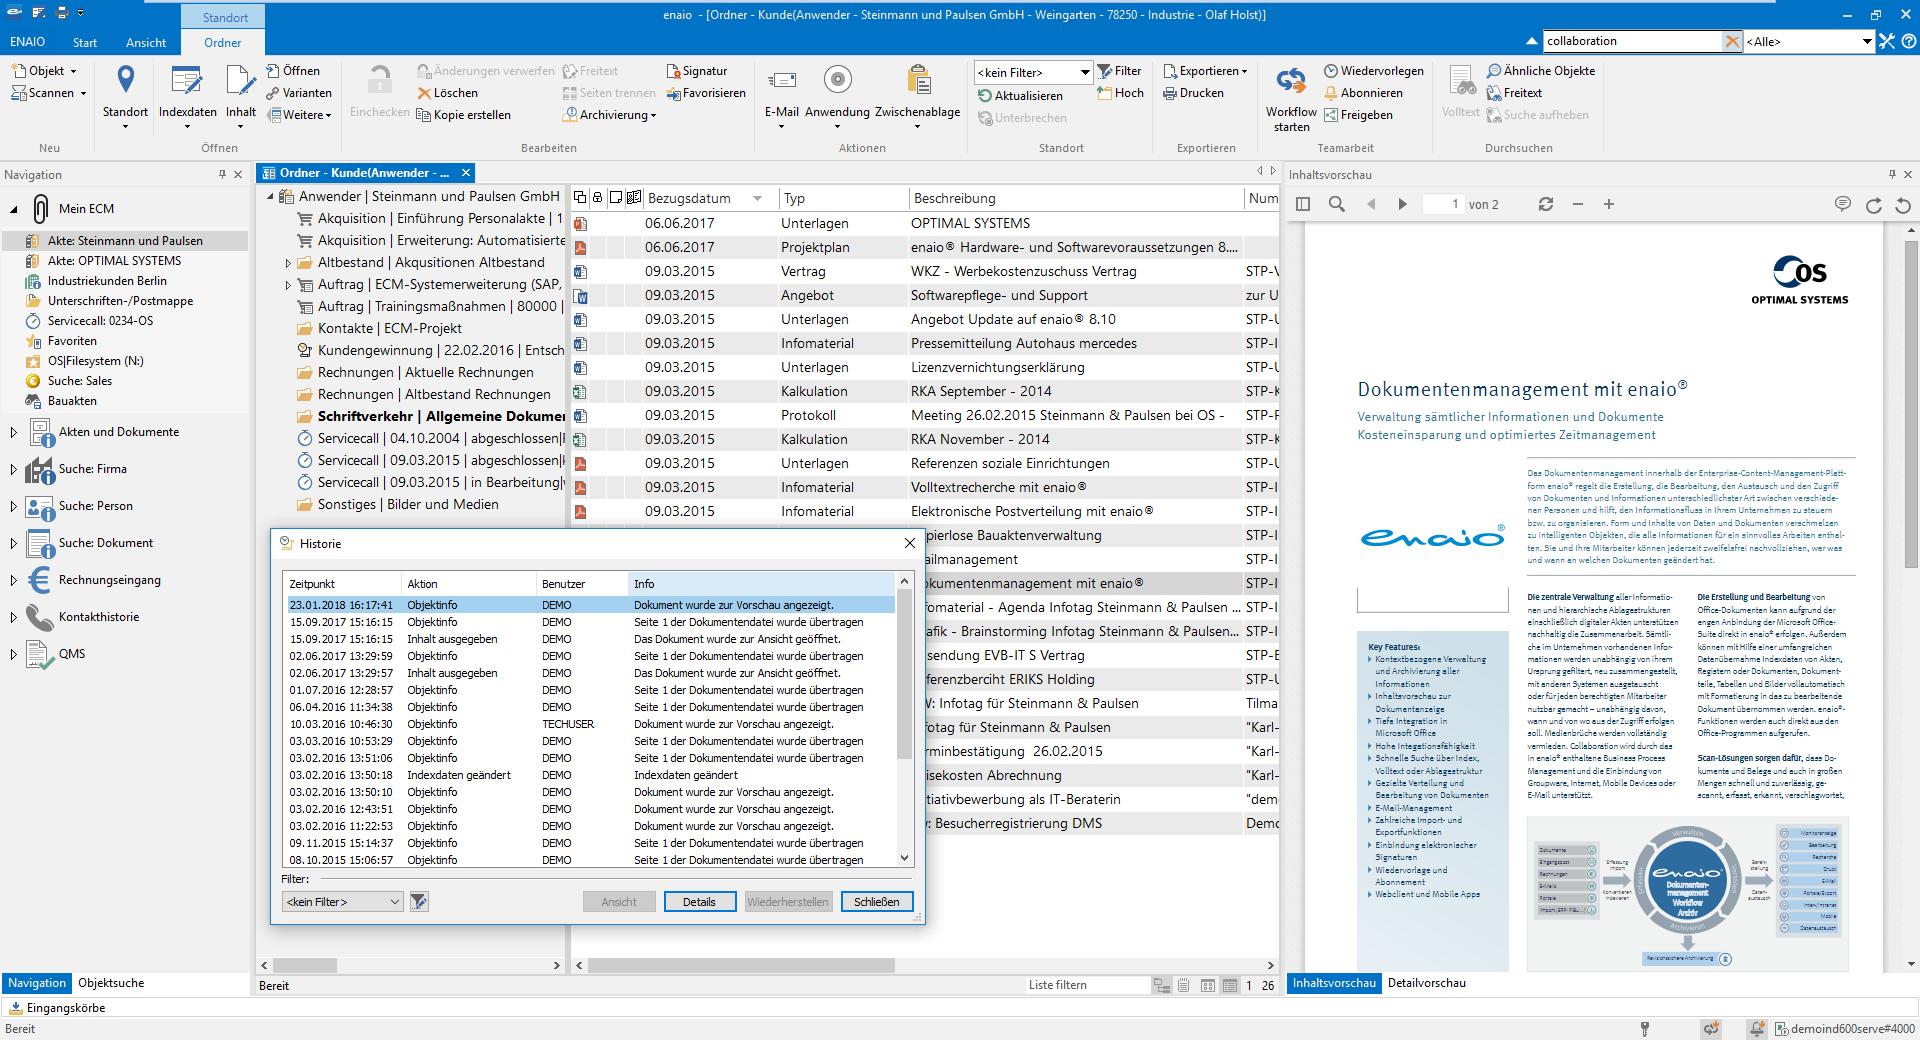 Der Screenshot zeigt wie die Dokumentenhistorie in enaio® aussieht.